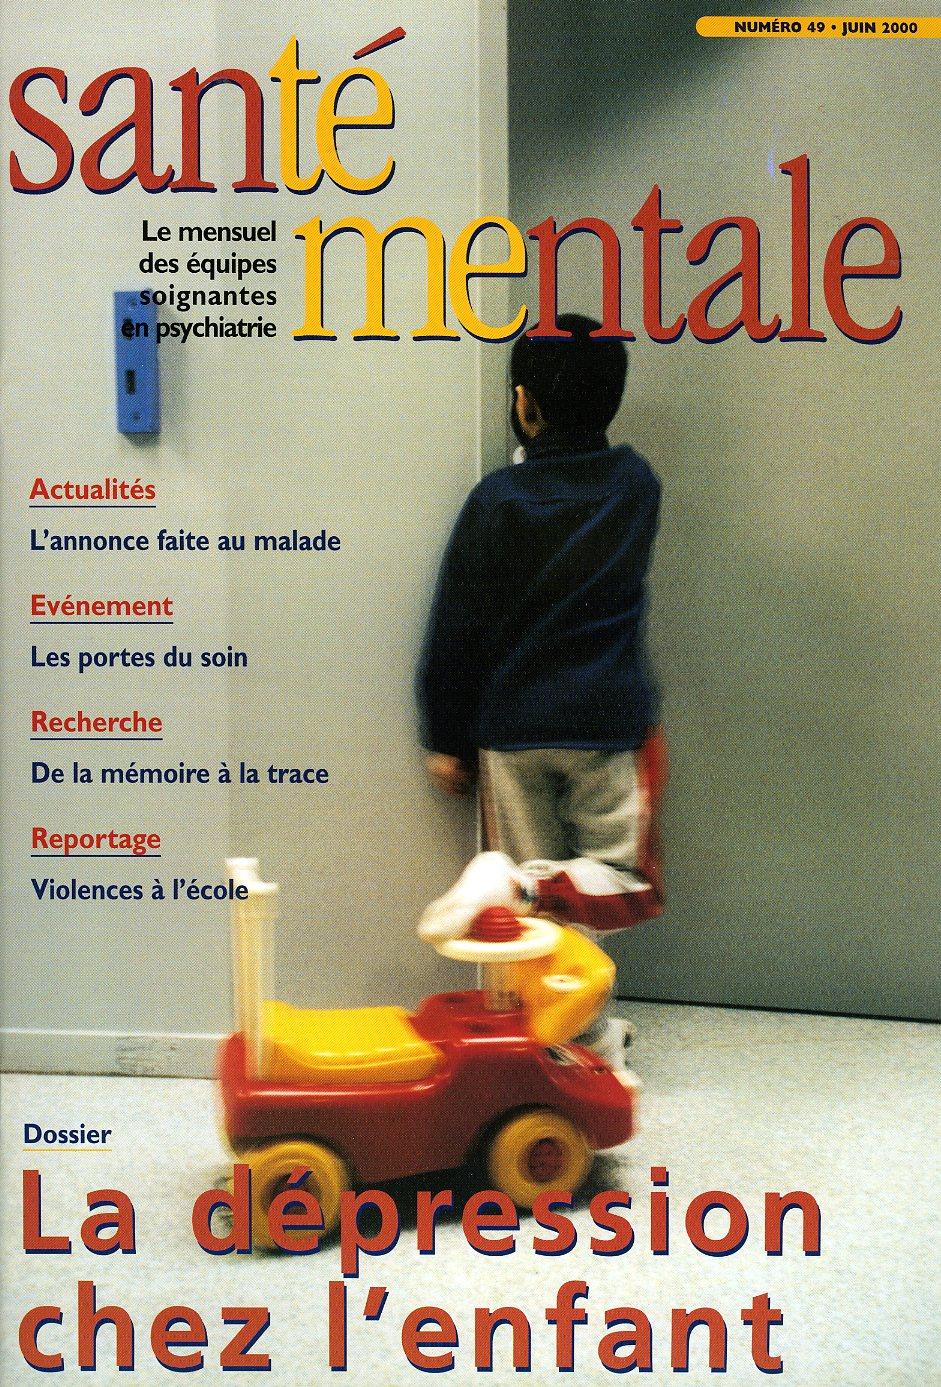 Couverture N°49 juin 2000